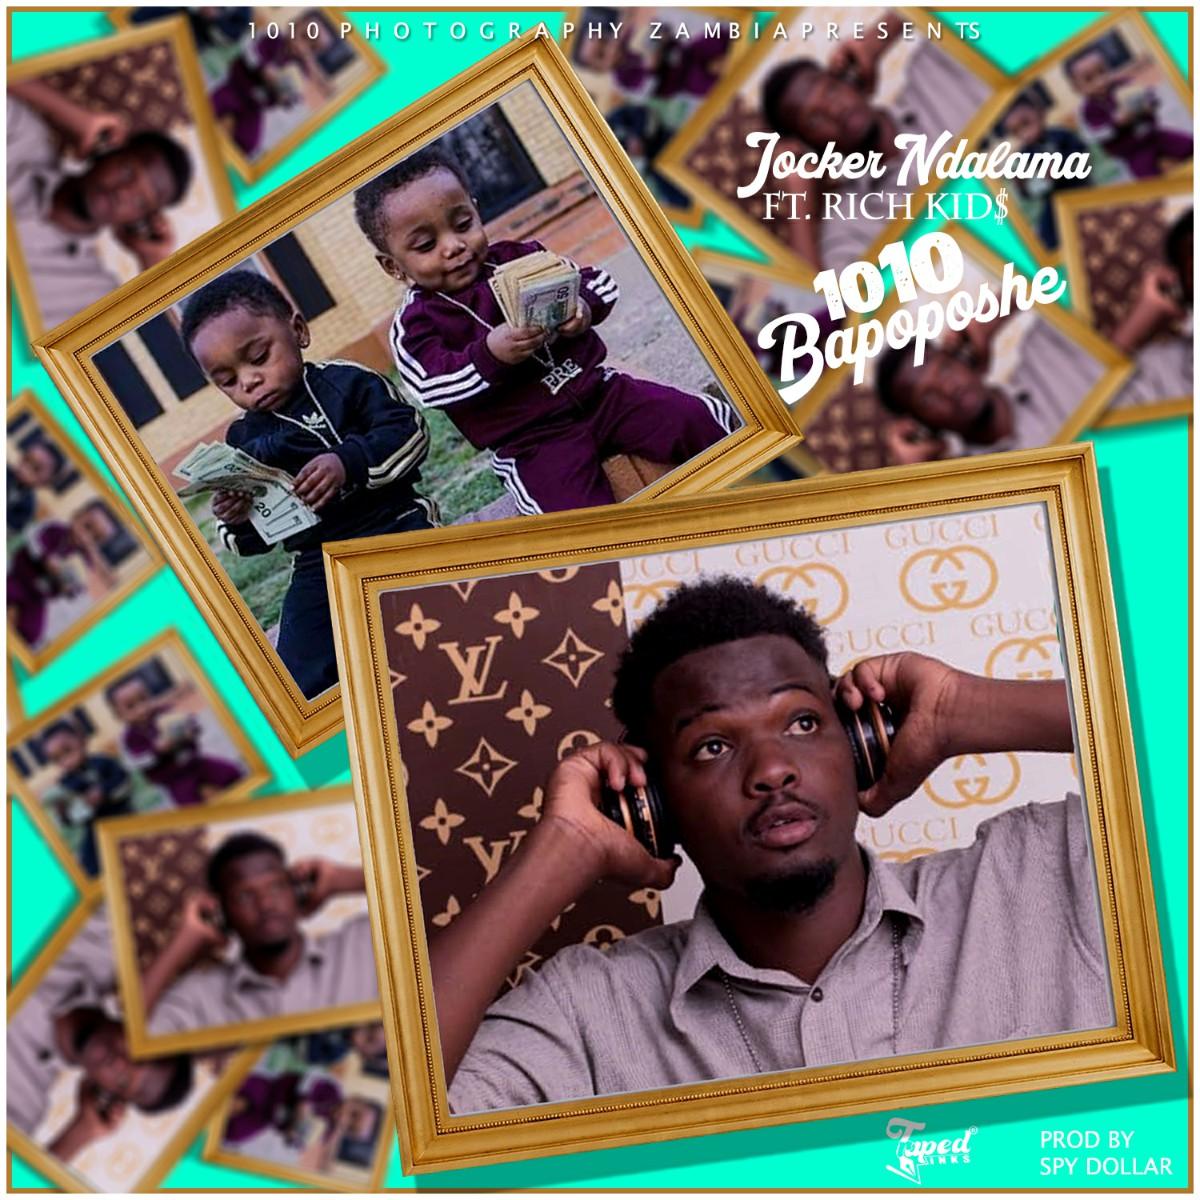 Jocker Ndalama ft. Rich Kids - 1010 Photography Zambia